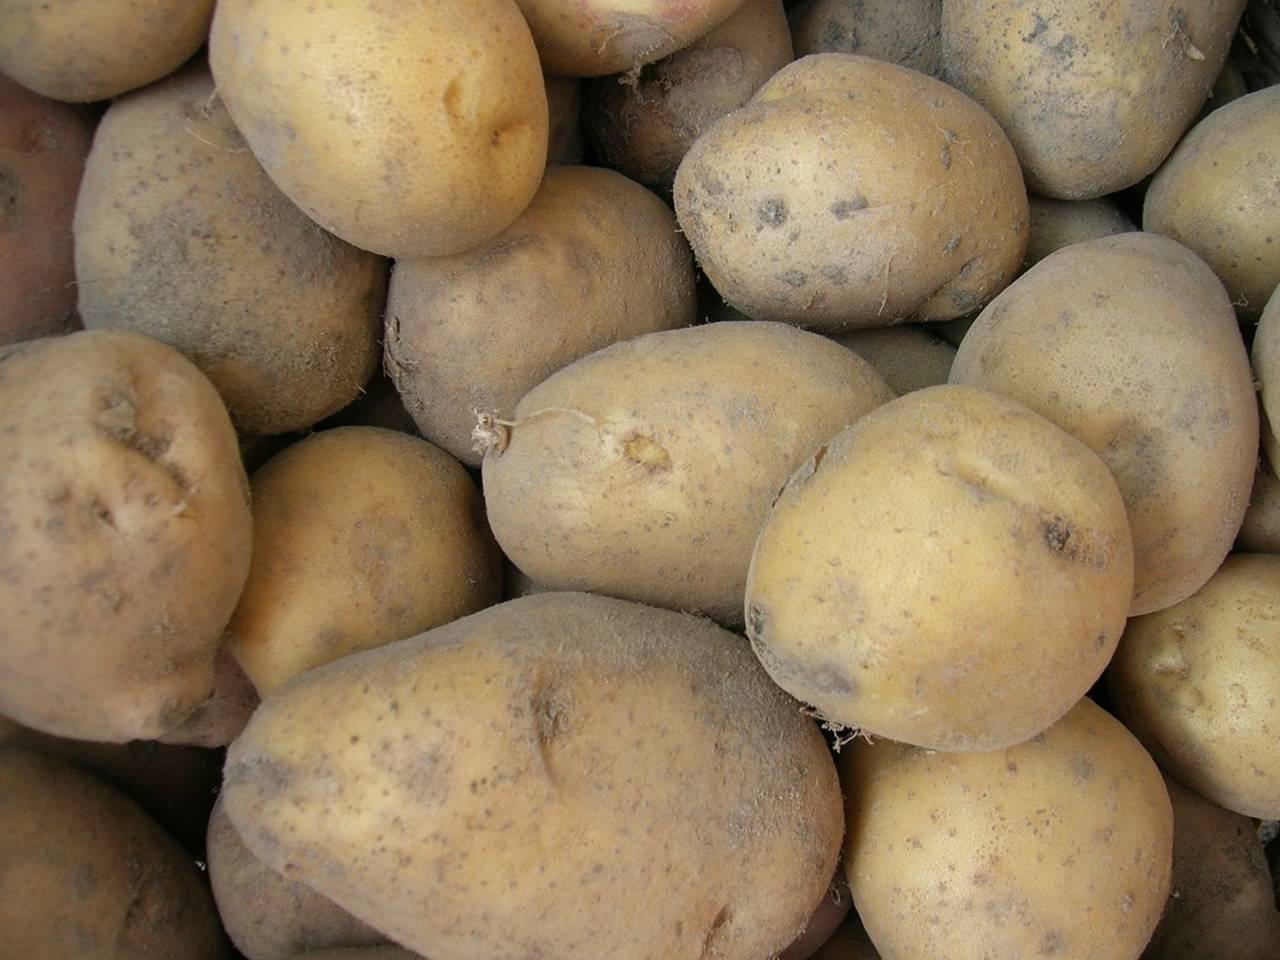 красивая ранние сорта картошки украина с фото конце осмотра